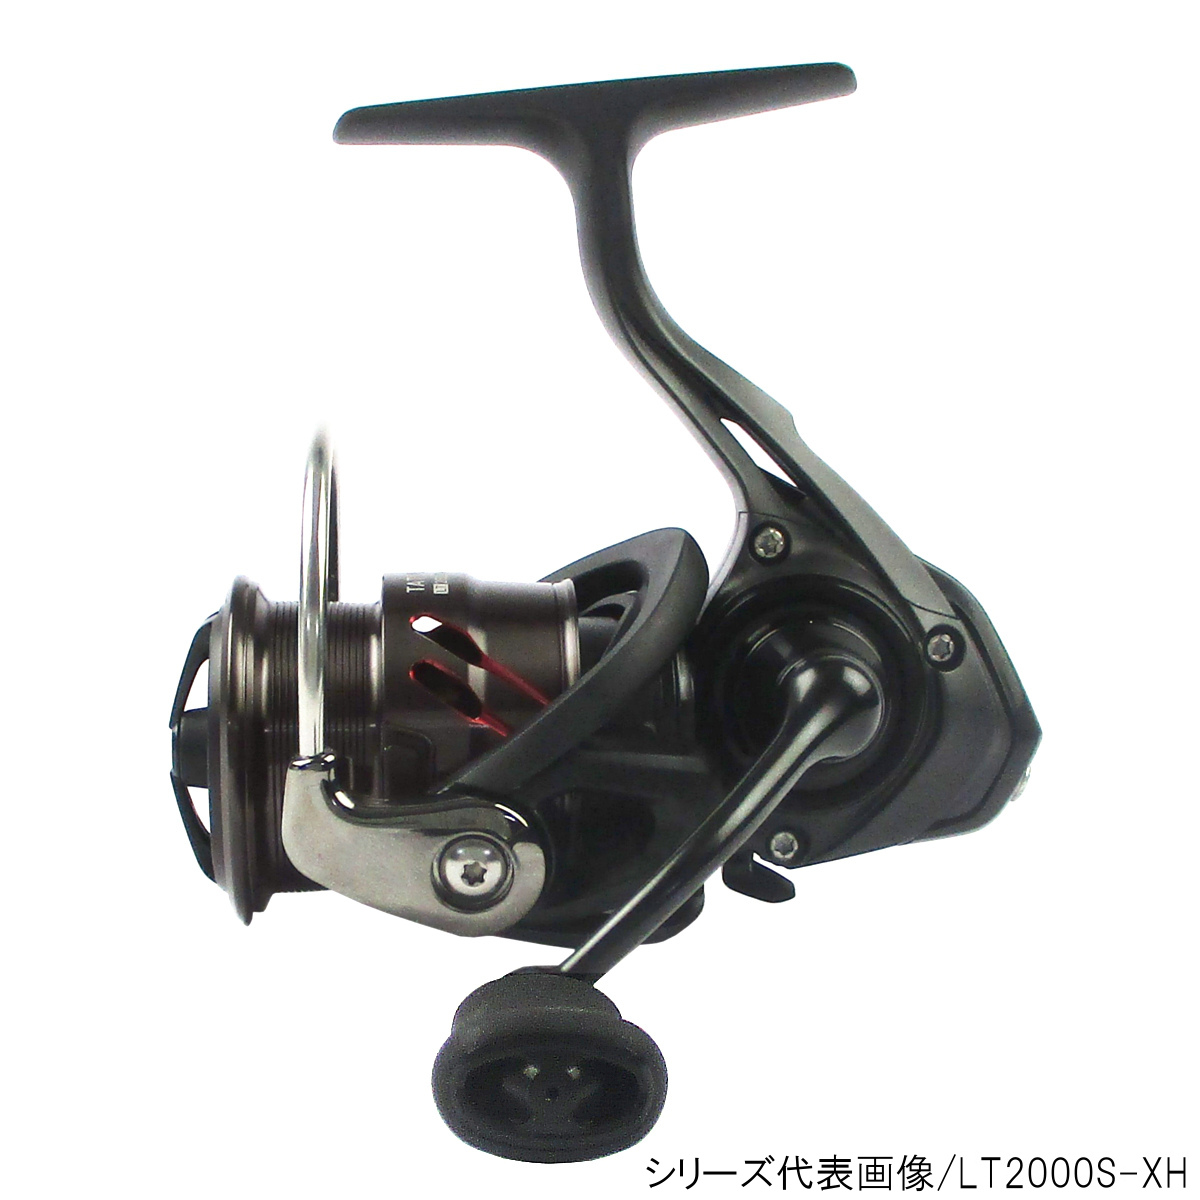 ダイワ タトゥーラ(スピニングモデル) LT2500S